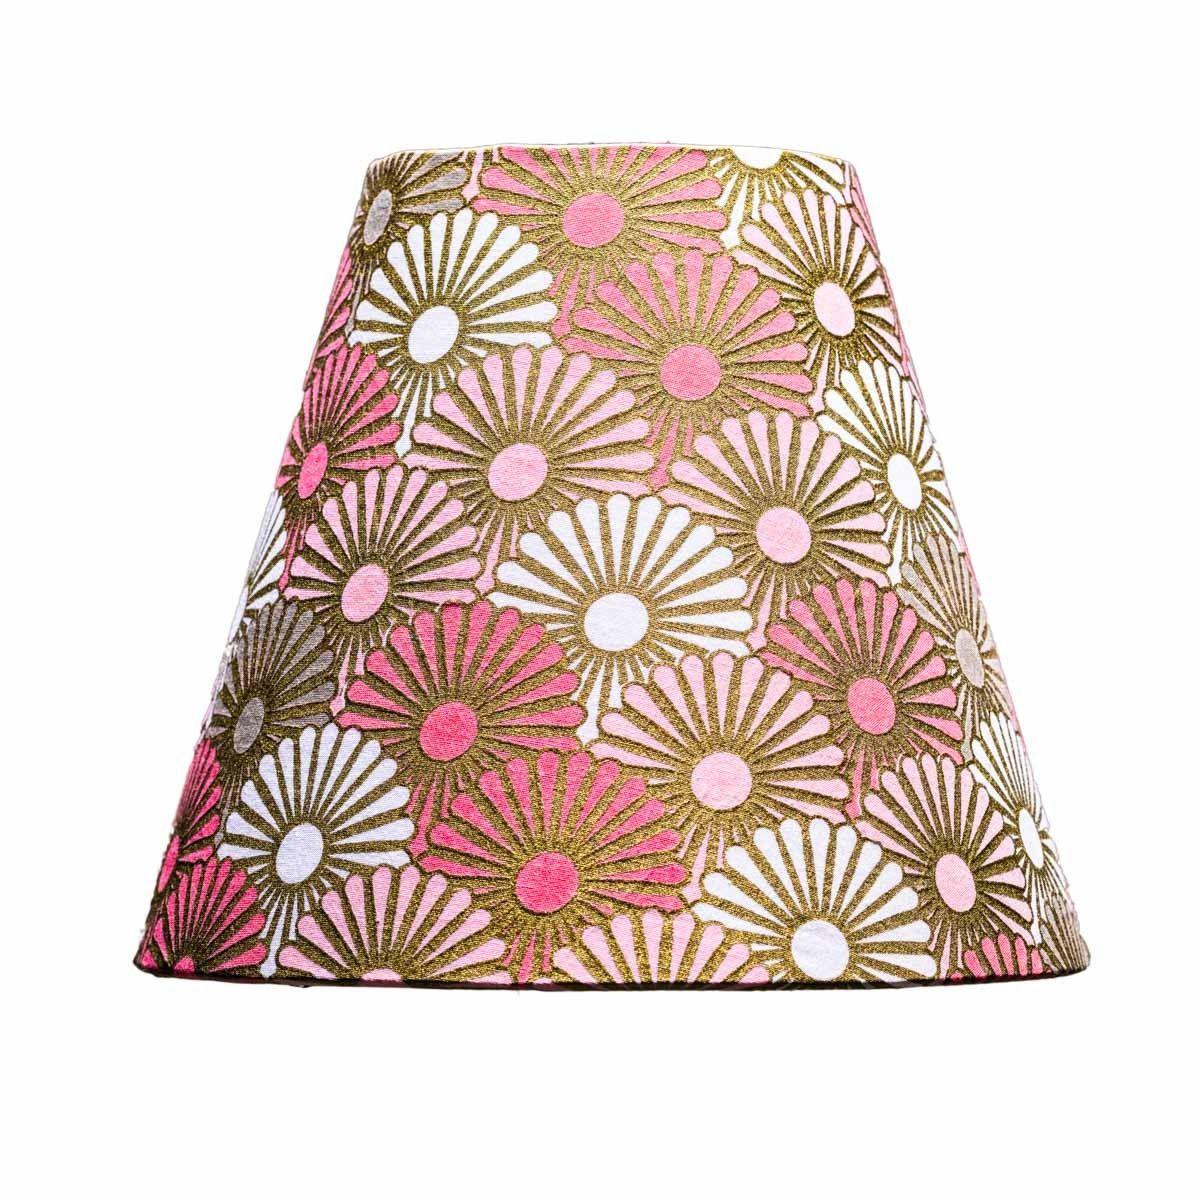 Abat-jour lampe de chevet tissu imprimé original or et rose